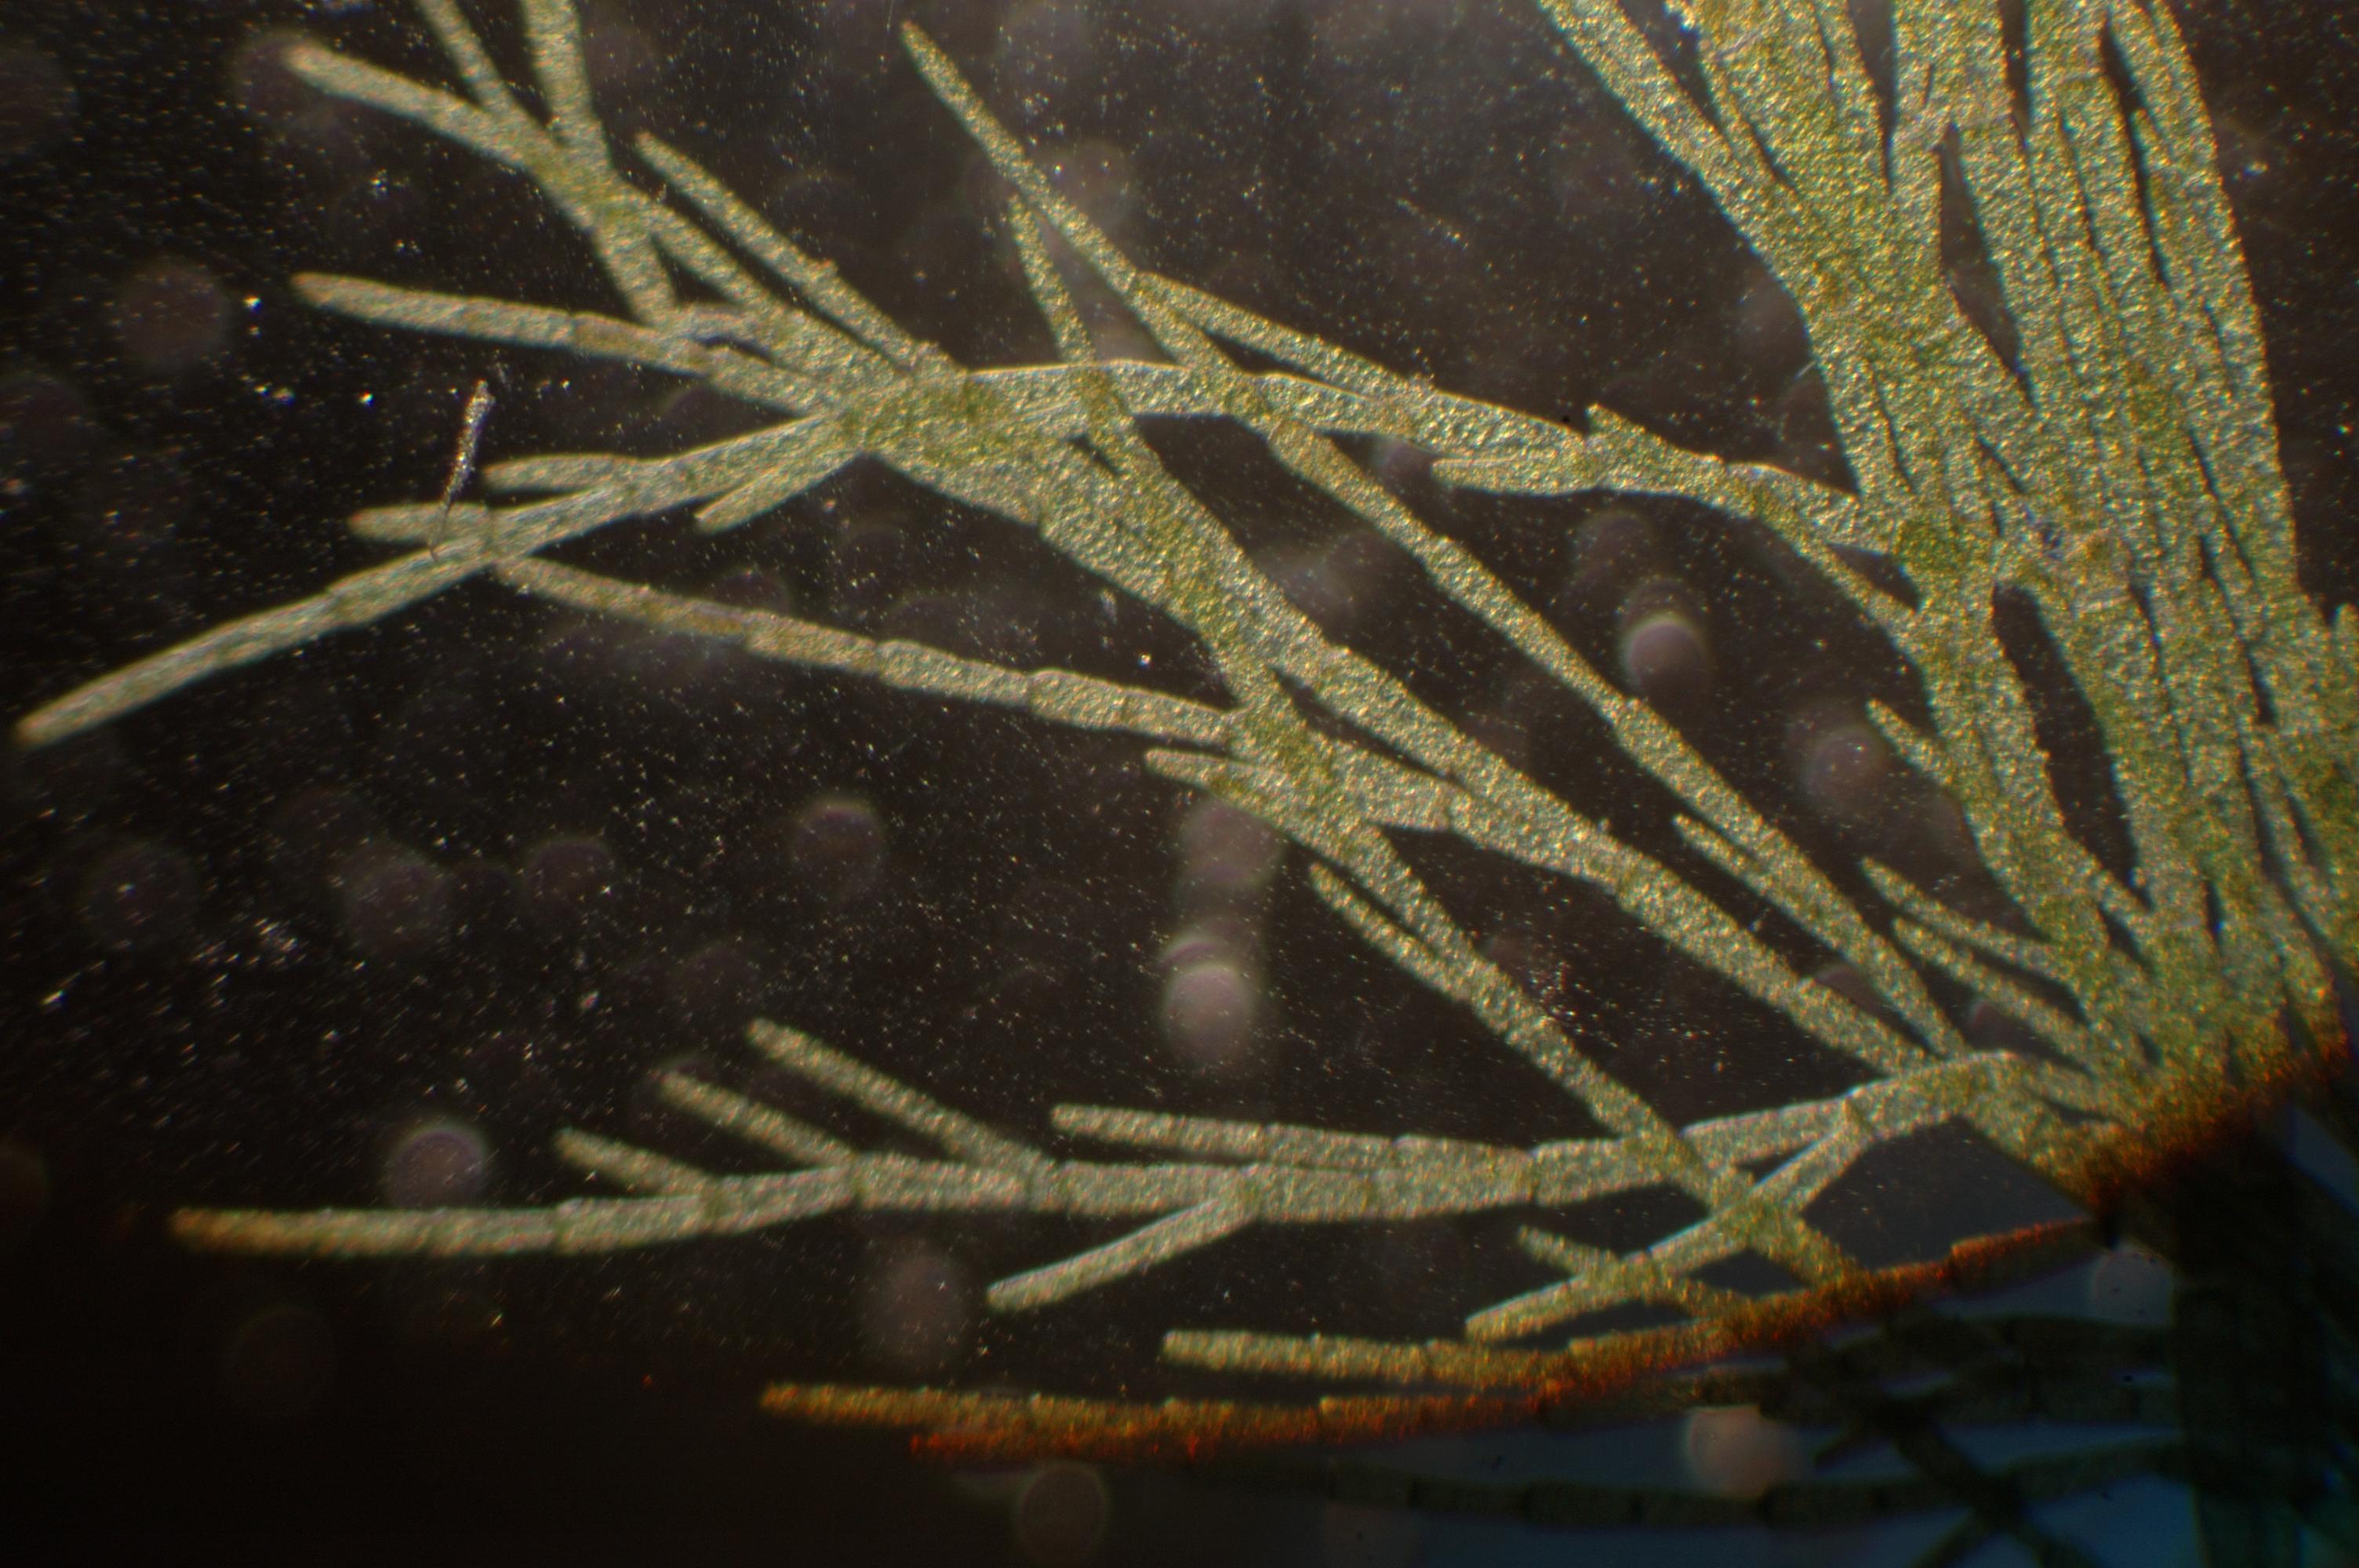 micrograph13.jpg